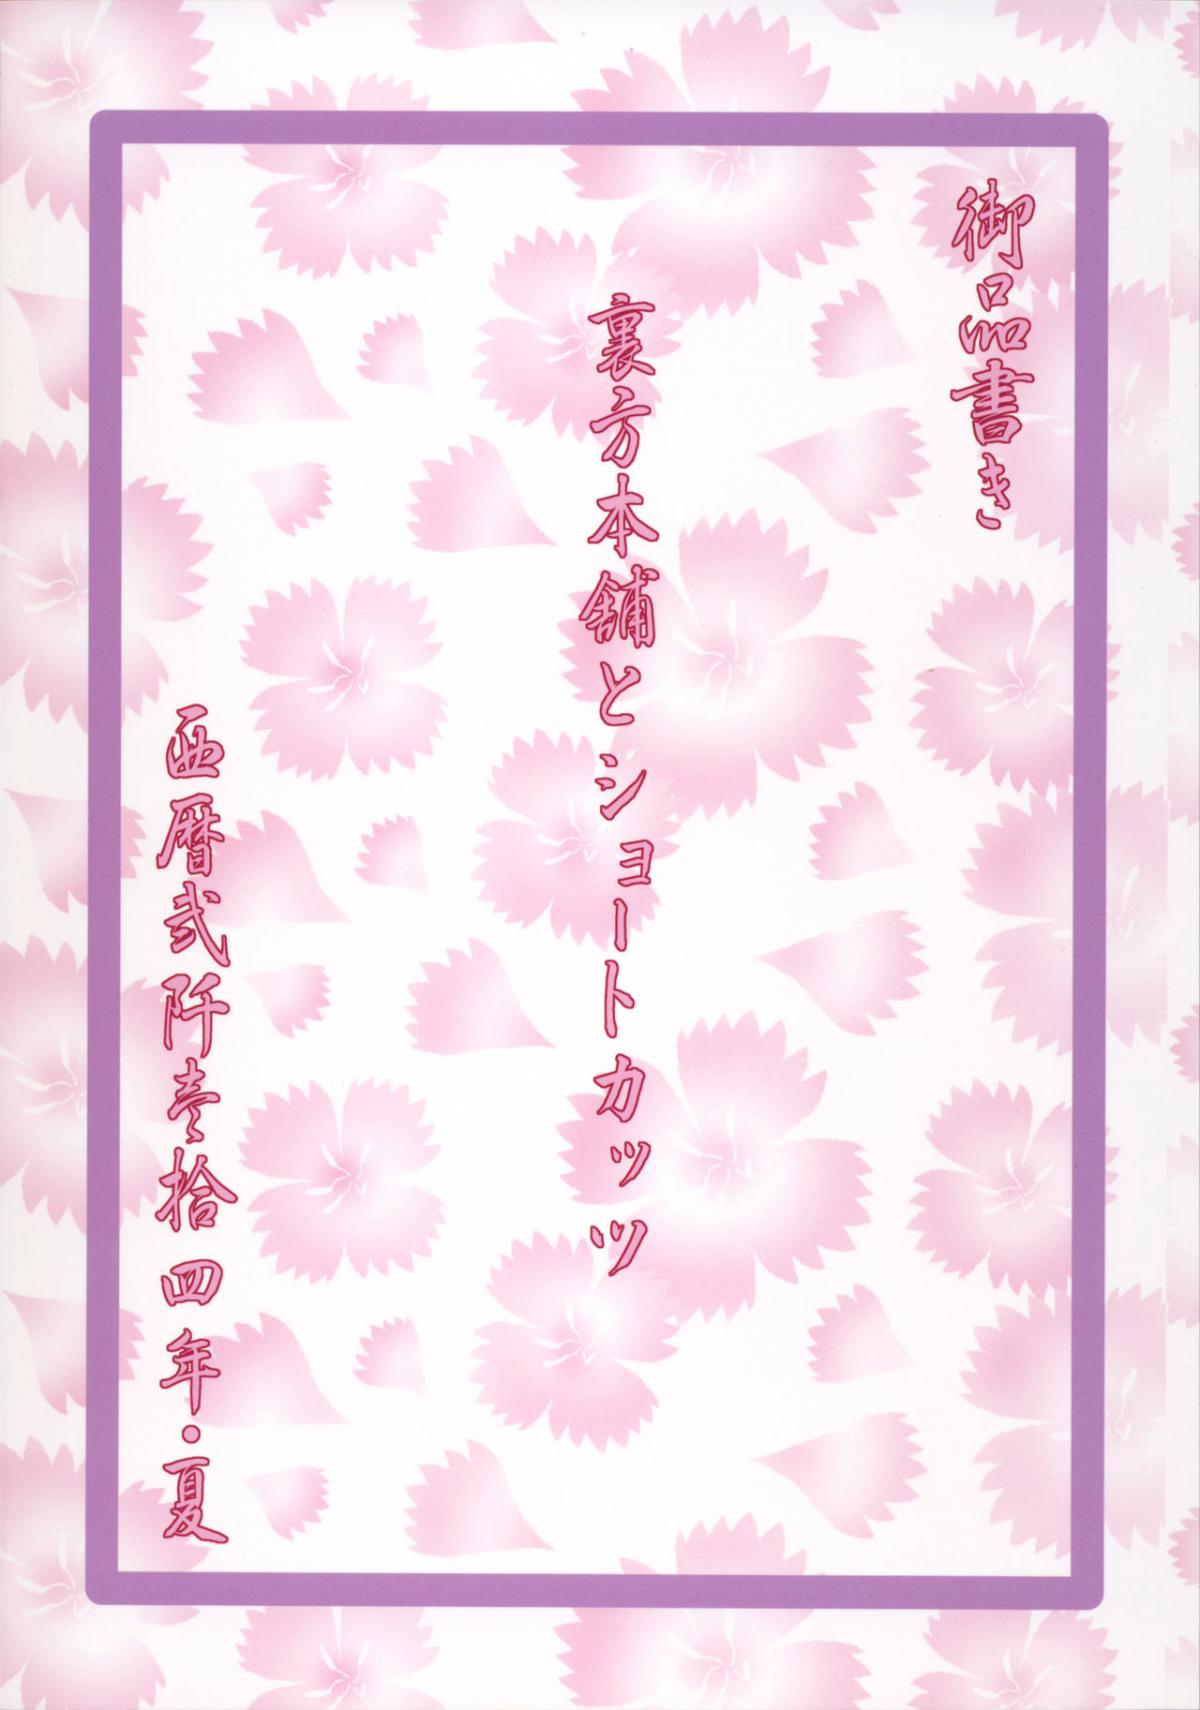 HentaiVN.net - Ảnh 27 - Kaa-san wa Boku ga Shiranai Uchi ni Omanko ni DoHamari shite mashita (Gundam Build Fighters) - Urabambi 49 ~Kaa-San Wa Boku Ga Shiranai Uchi Ni Omanko Ni DoHamari Shite Mashita. - Oneshot